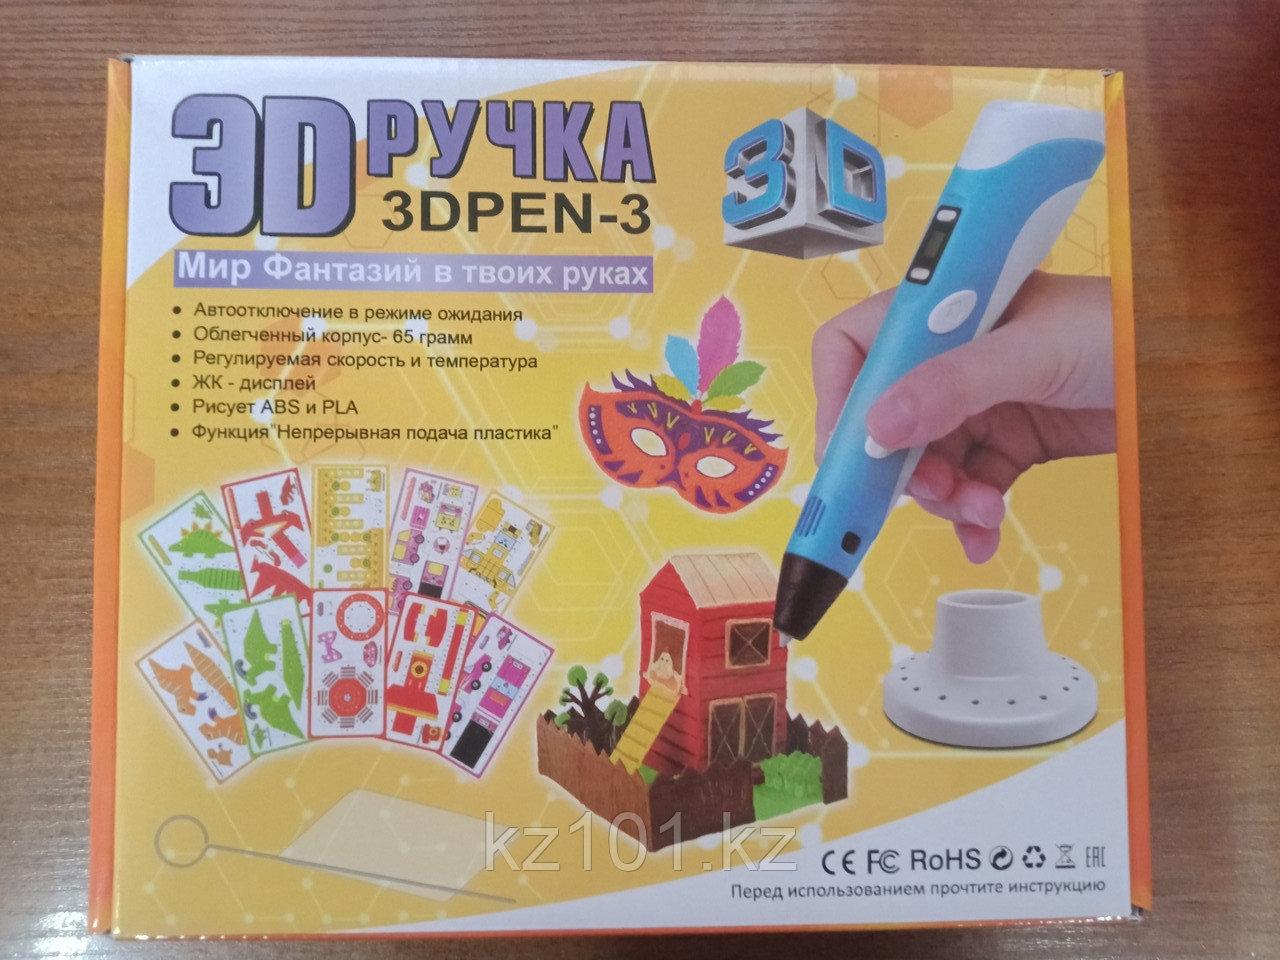 3D ручка 3DPEN-3 с OLED-дисплеем